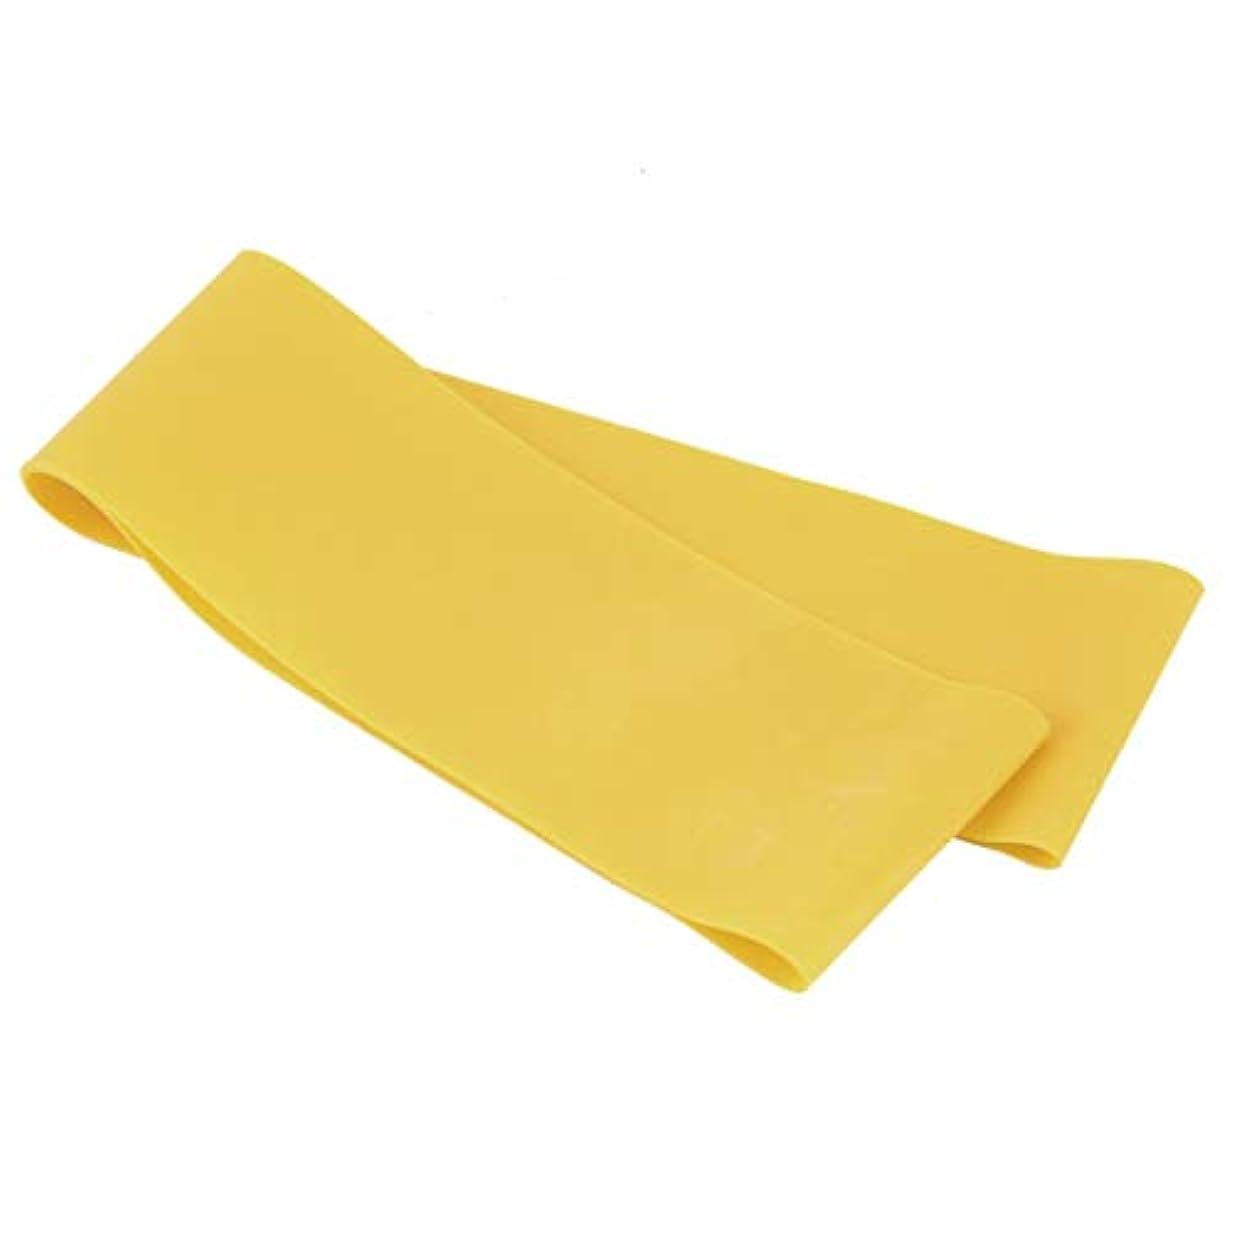 勇気のあるナプキンびっくりした滑り止めの伸縮性のあるゴム製伸縮性があるヨガのベルトバンド引きロープの張力抵抗バンドループ強さのためのフィットネスヨガツール - 黄色